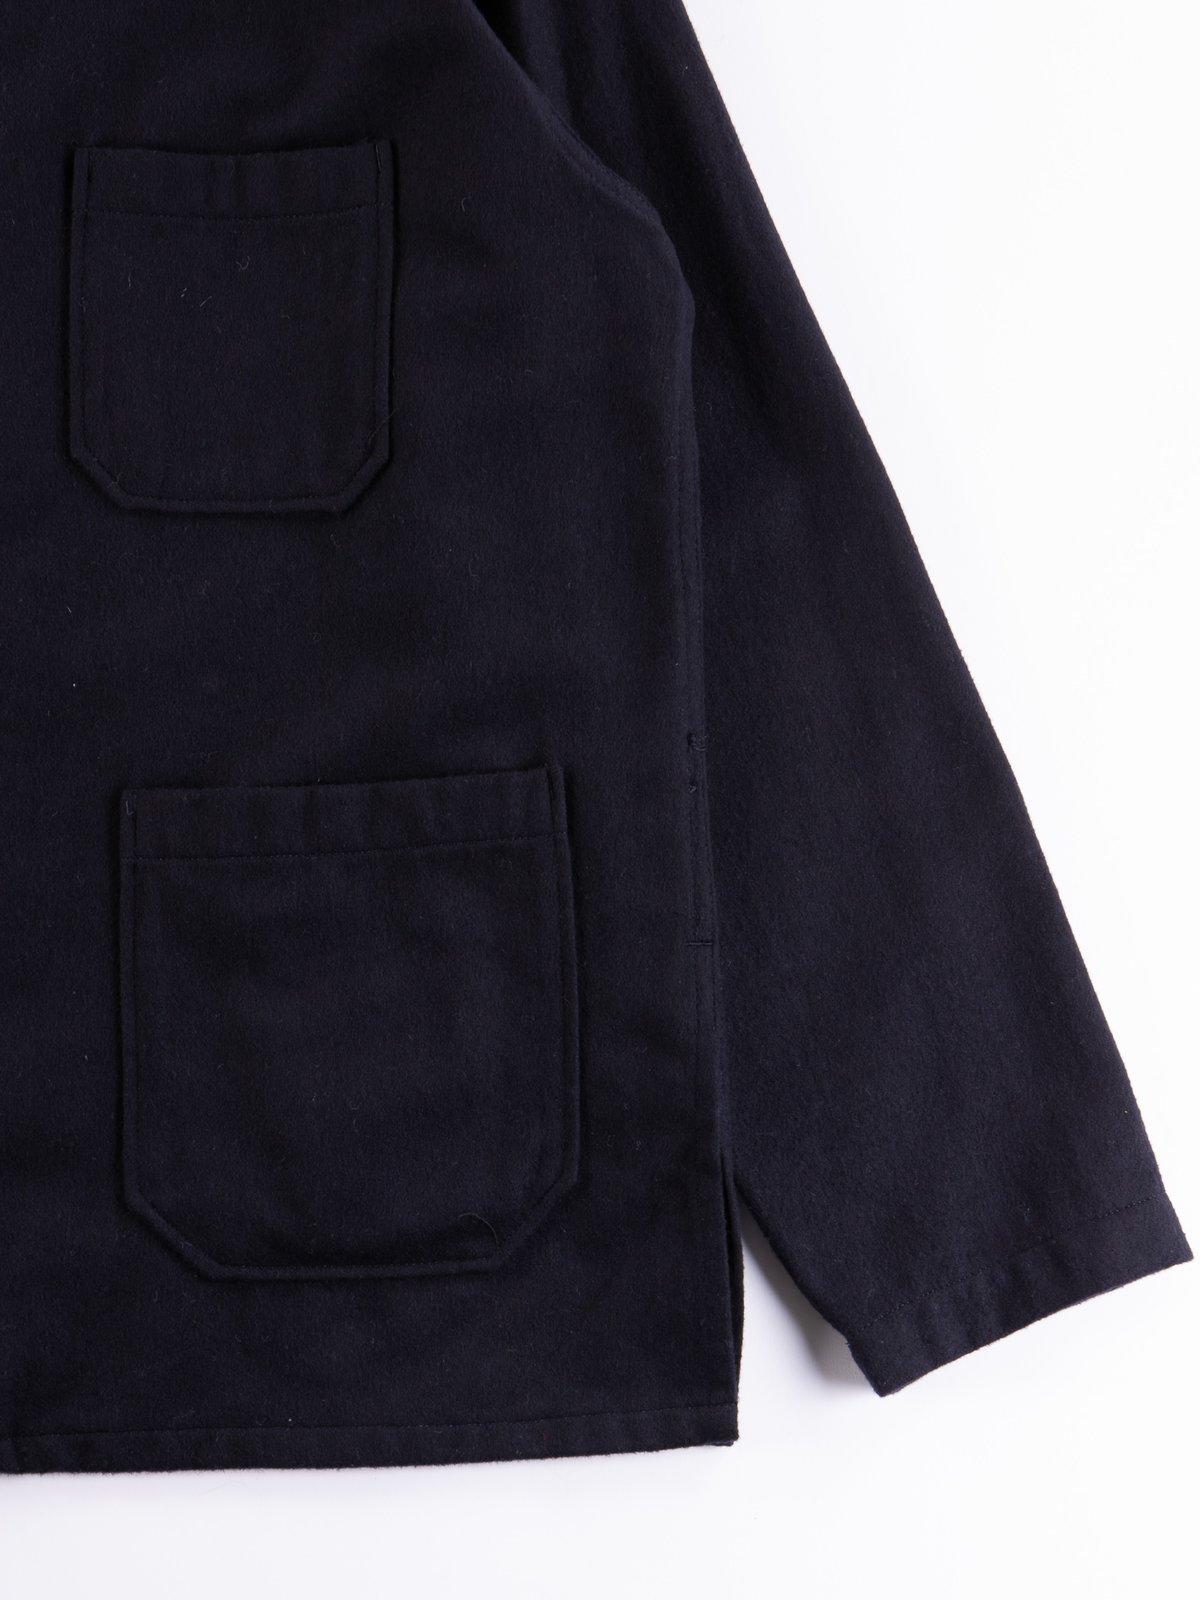 Dark Navy Wool Cotton Flannel Dayton Shirt - Image 4